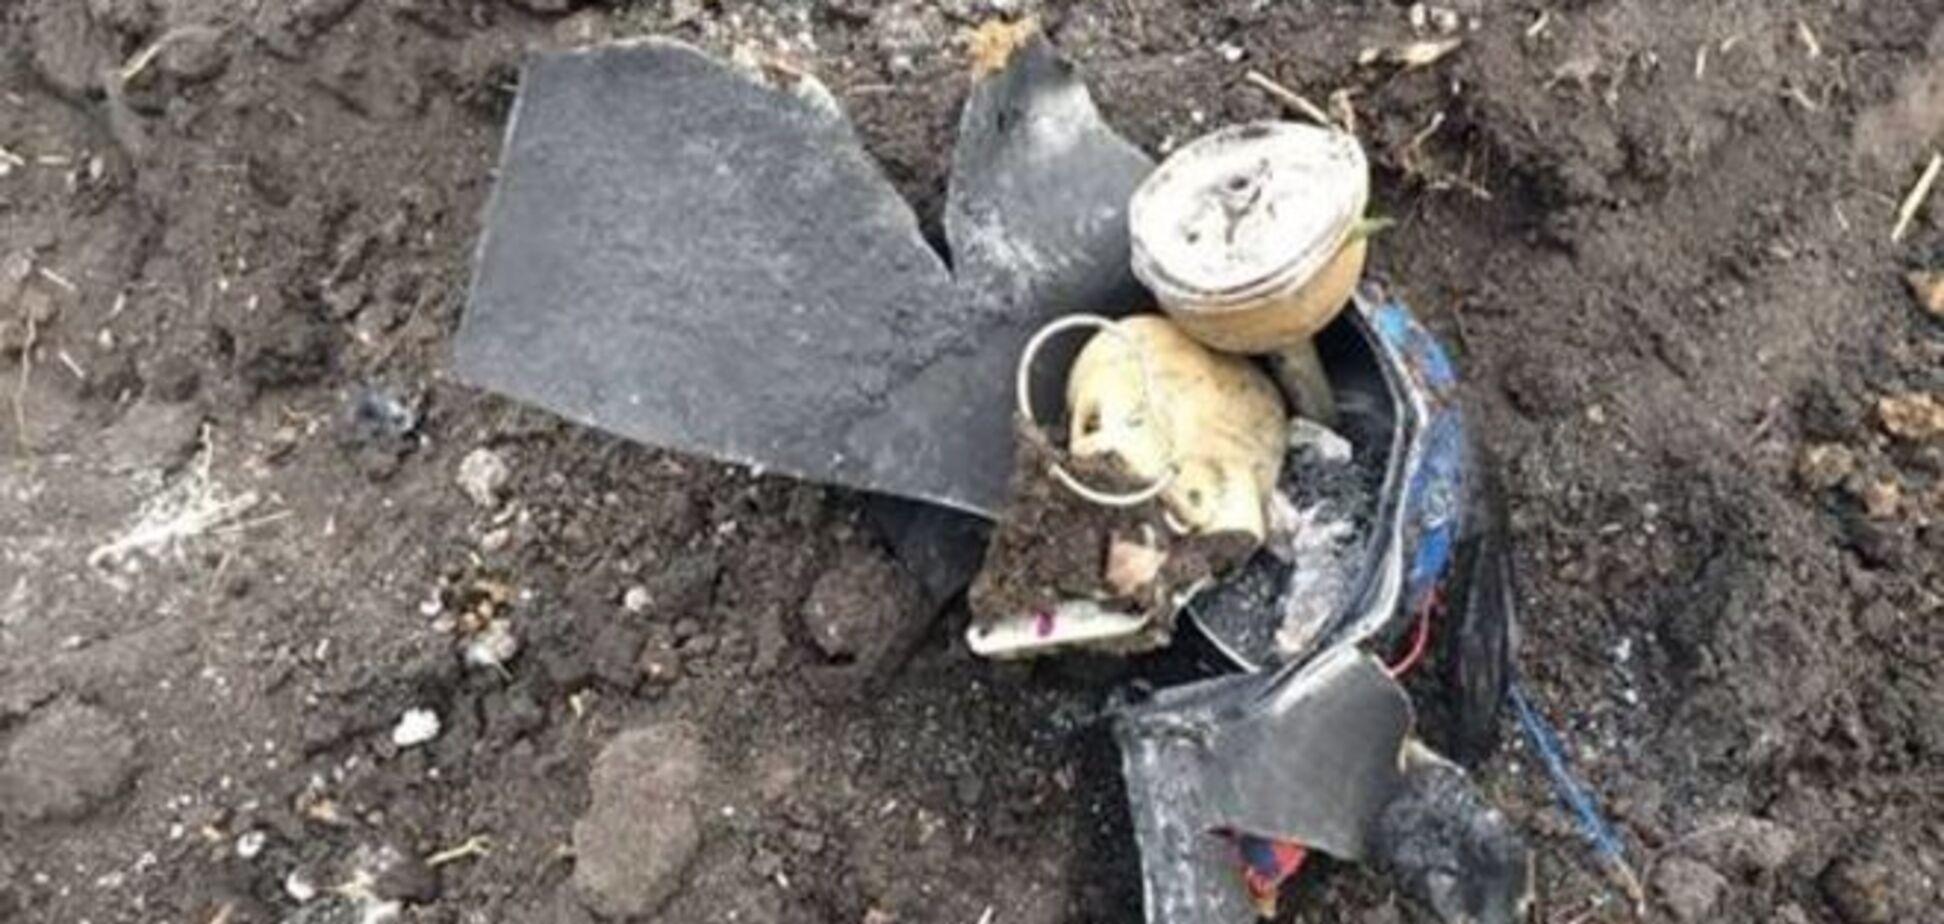 СБУ предотвратила теракт 'Призрака' на трассе Лисичанск-Артемовск: фото с места событий